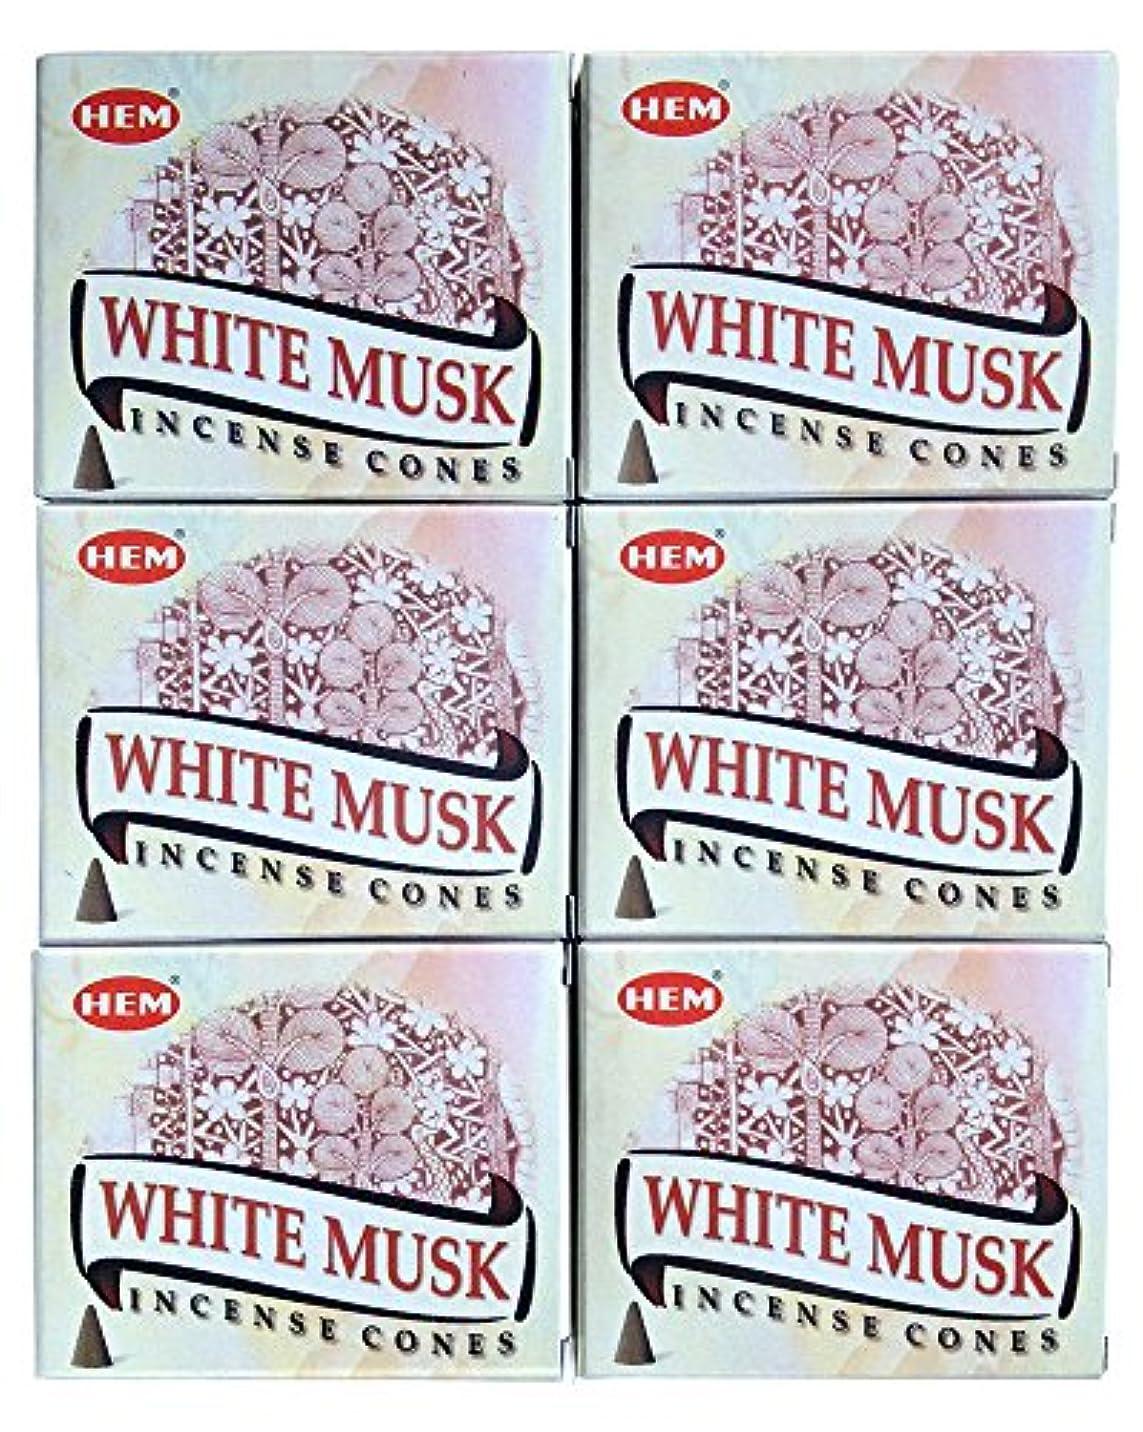 肥沃な従順な白菜HEM ホワイトムスクコーン 6個セット